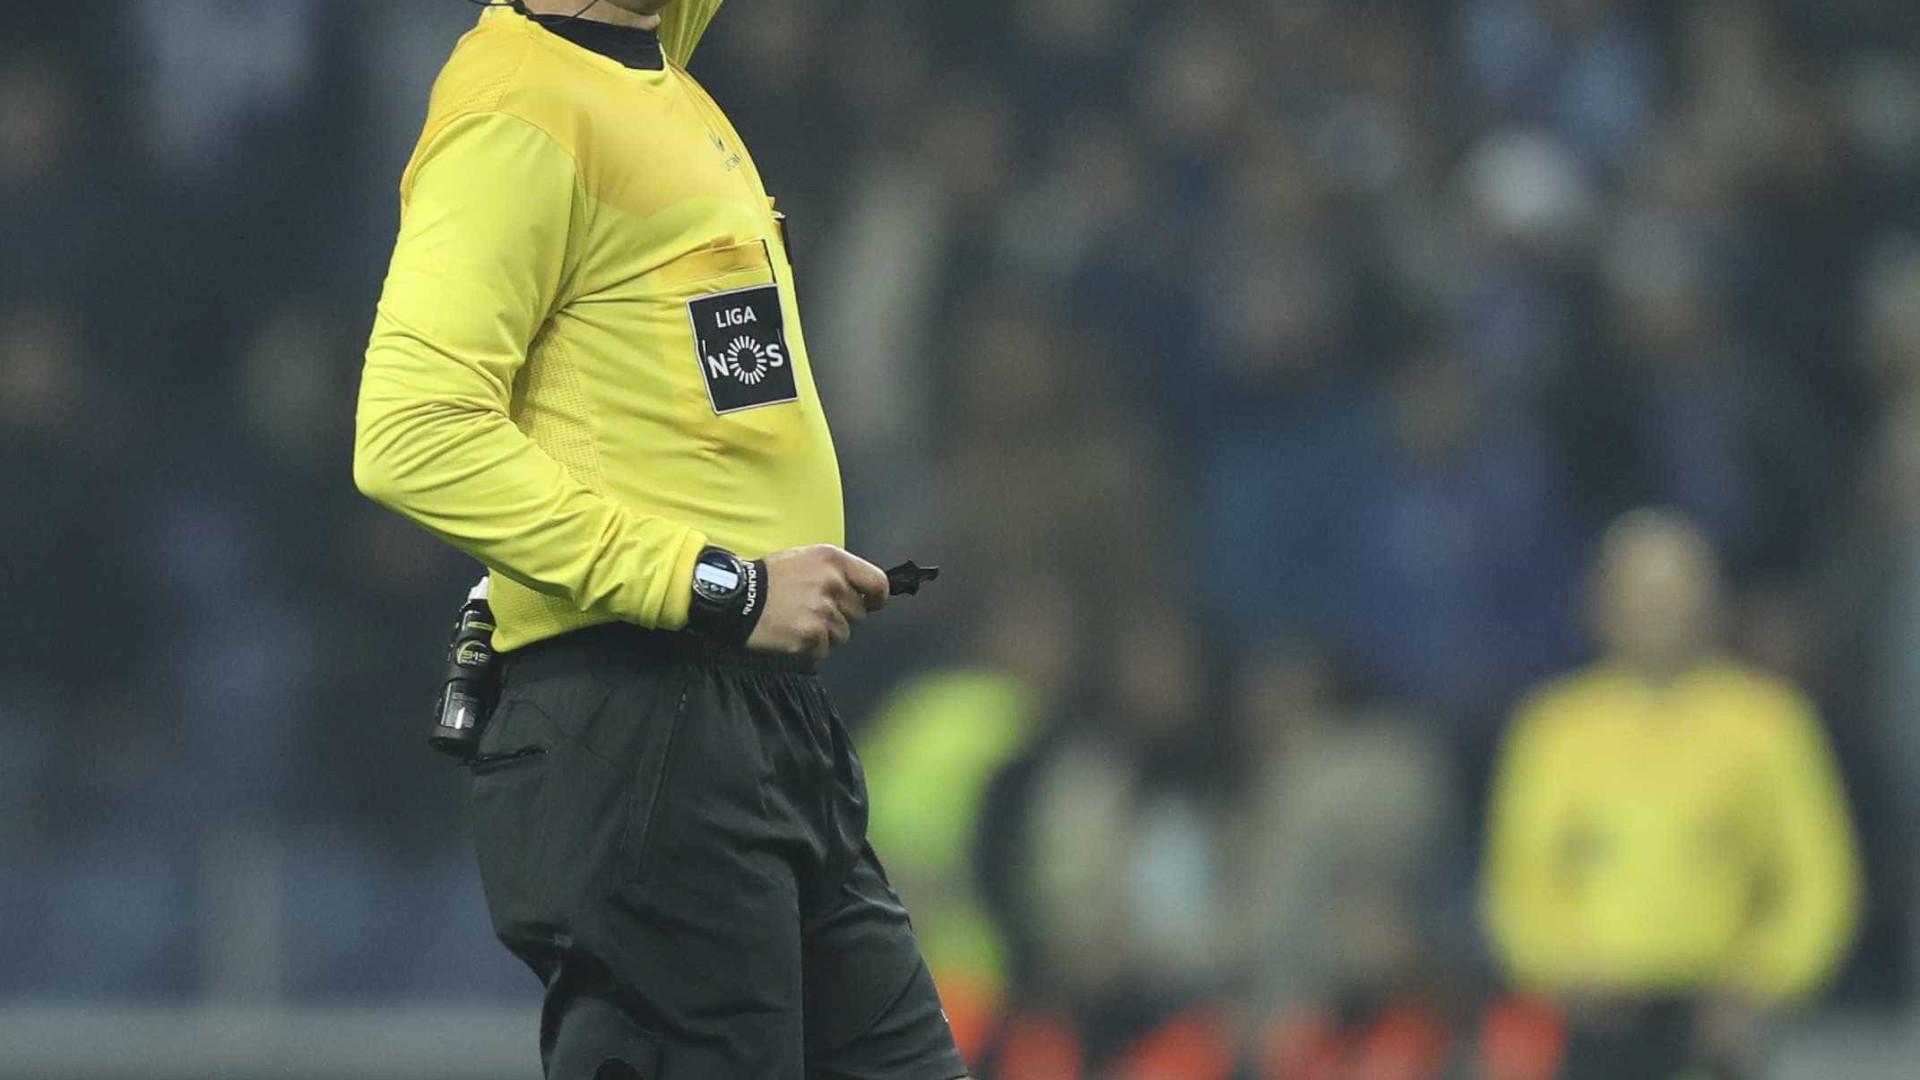 """Prédio de árbitro vandalizado? """"Todos sabem quem foi"""", diz Benfica"""